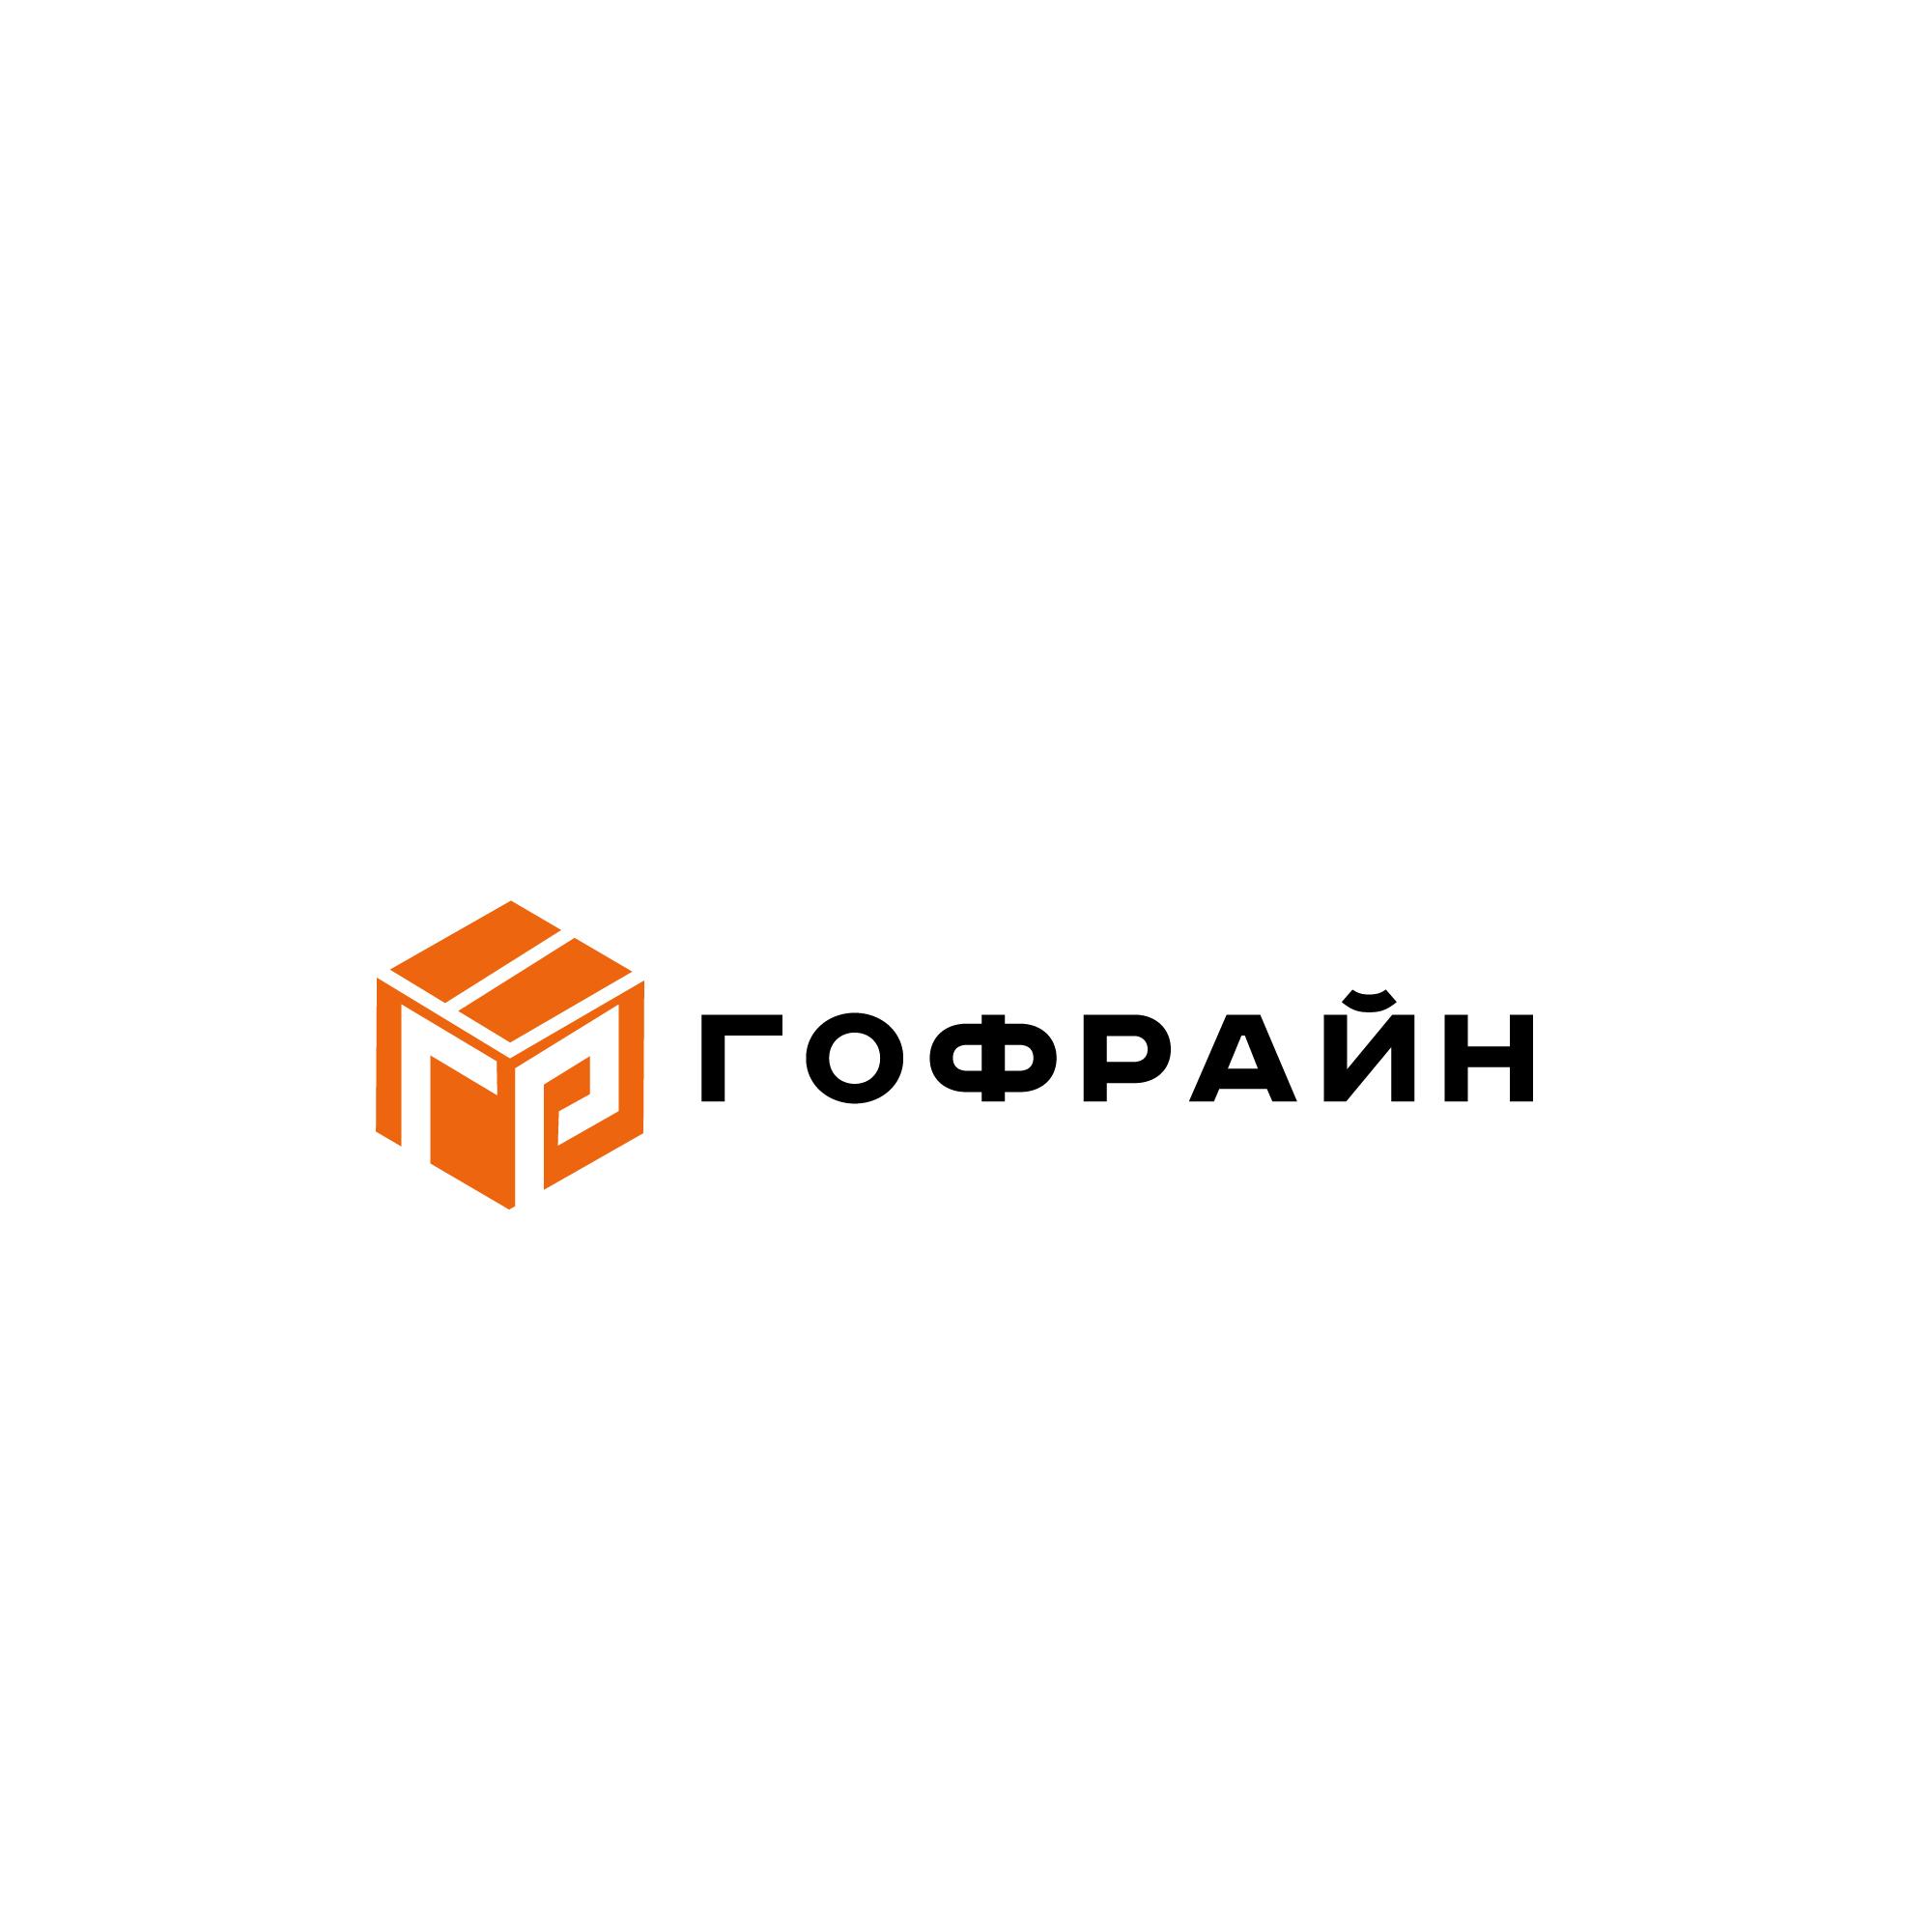 Логотип для компании по реализации упаковки из гофрокартона фото f_6445ce271d191f83.jpg